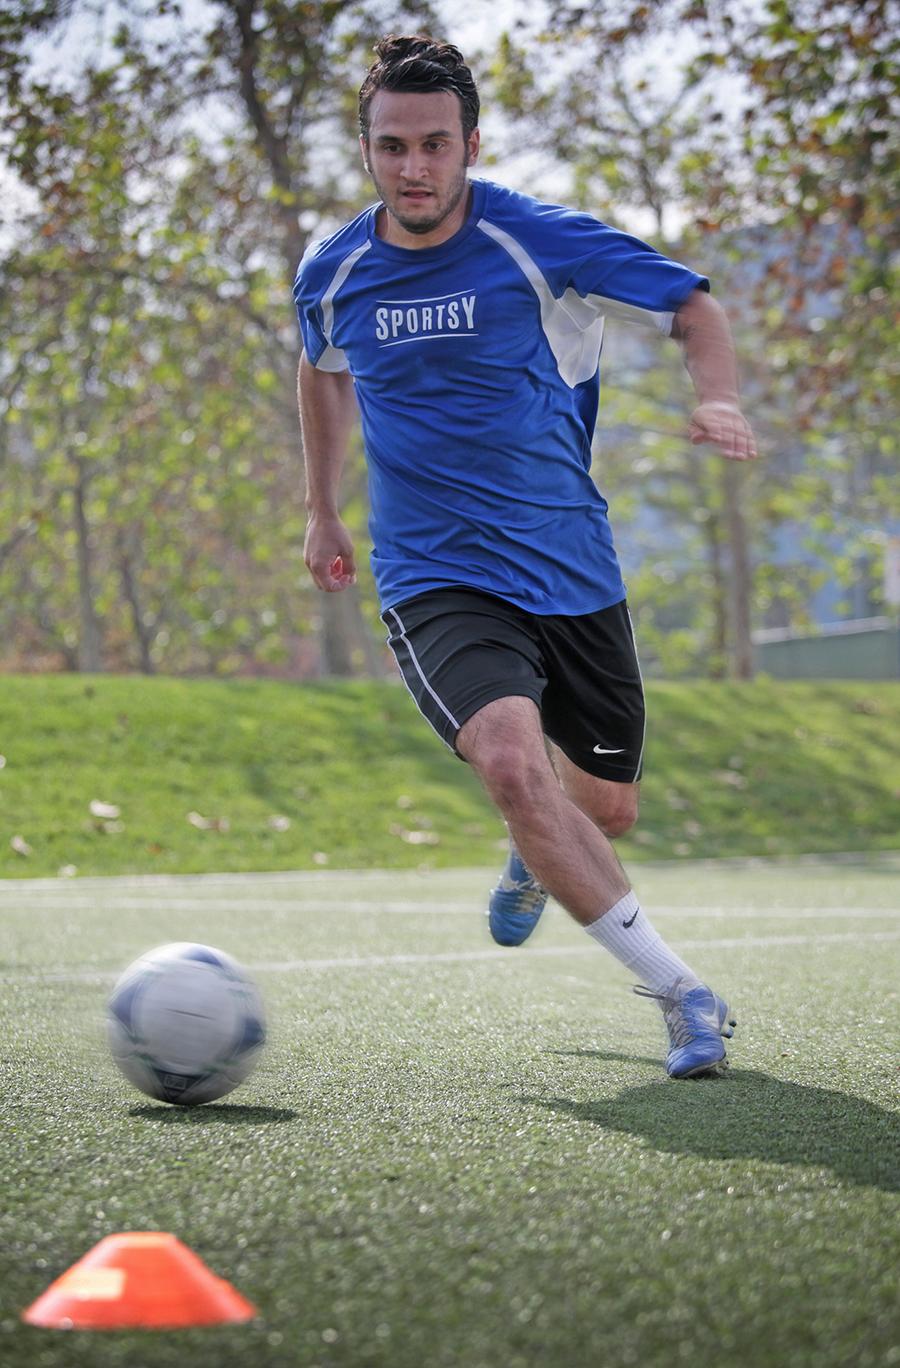 sportsy1